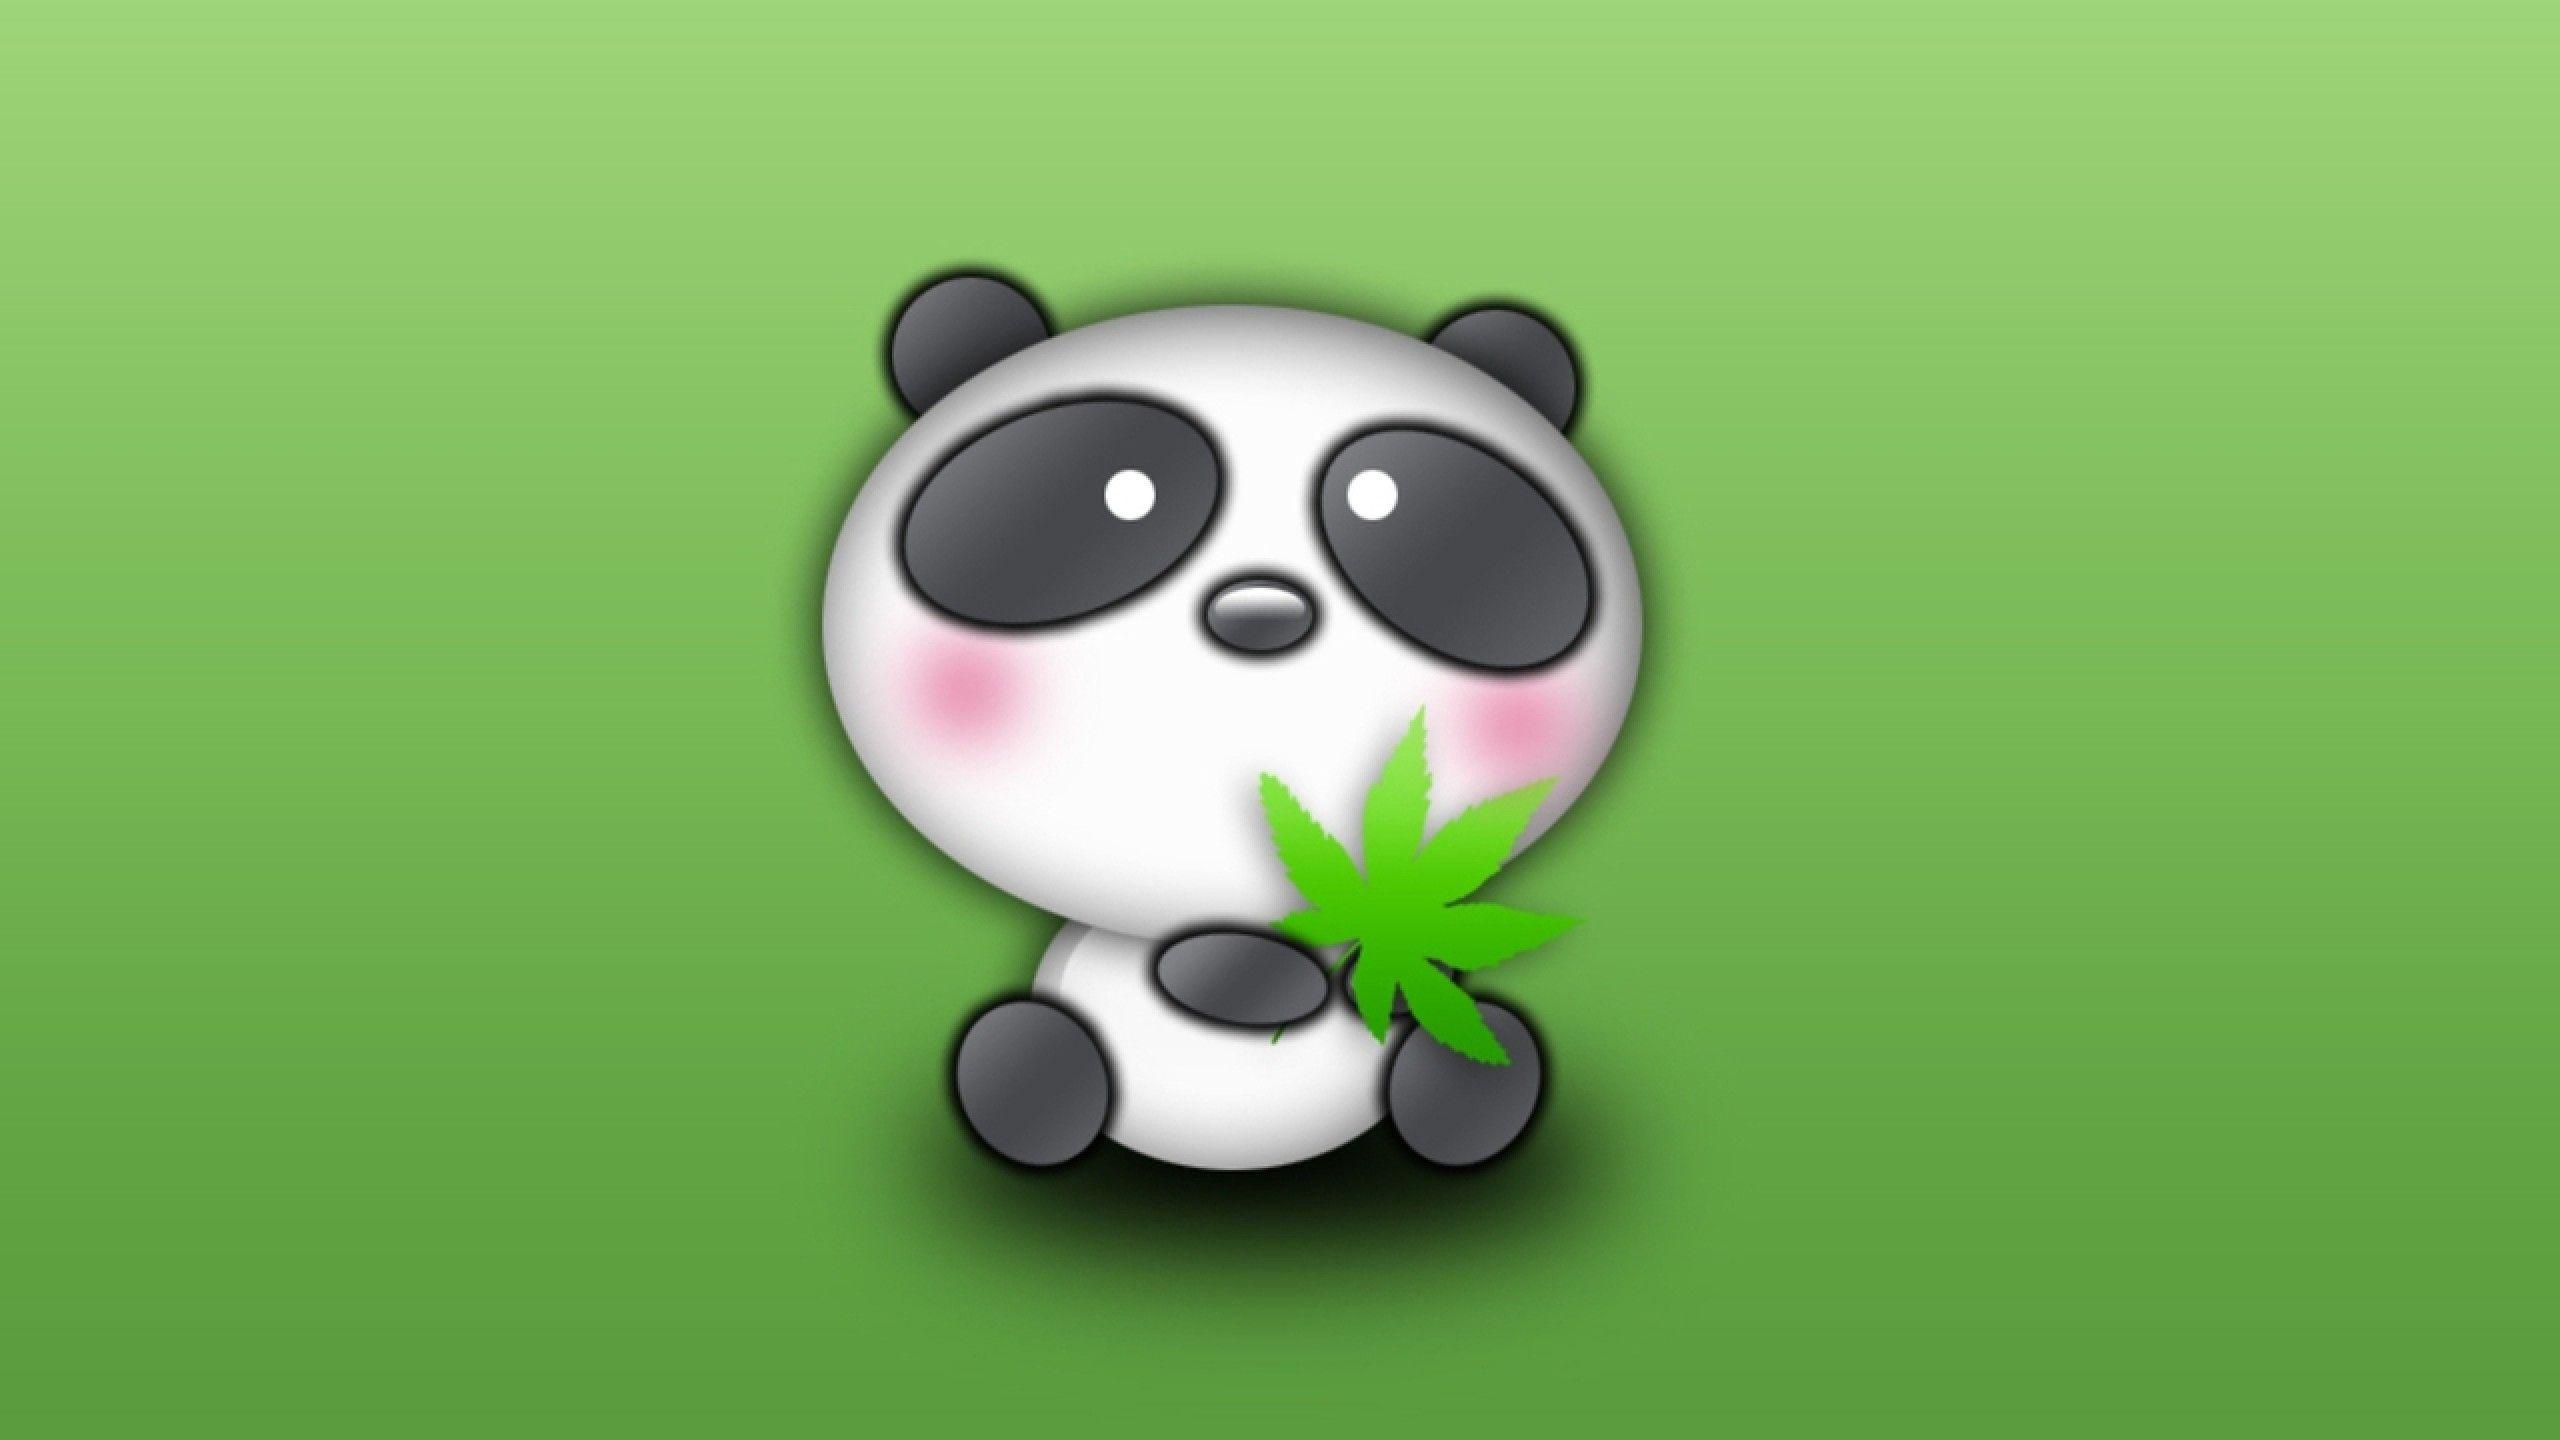 Cute Panda Cartoon Desktop Wallpaper 44 Foolhardi Com Panda Wallpapers Cute Panda Cartoon Cartoon Wallpaper